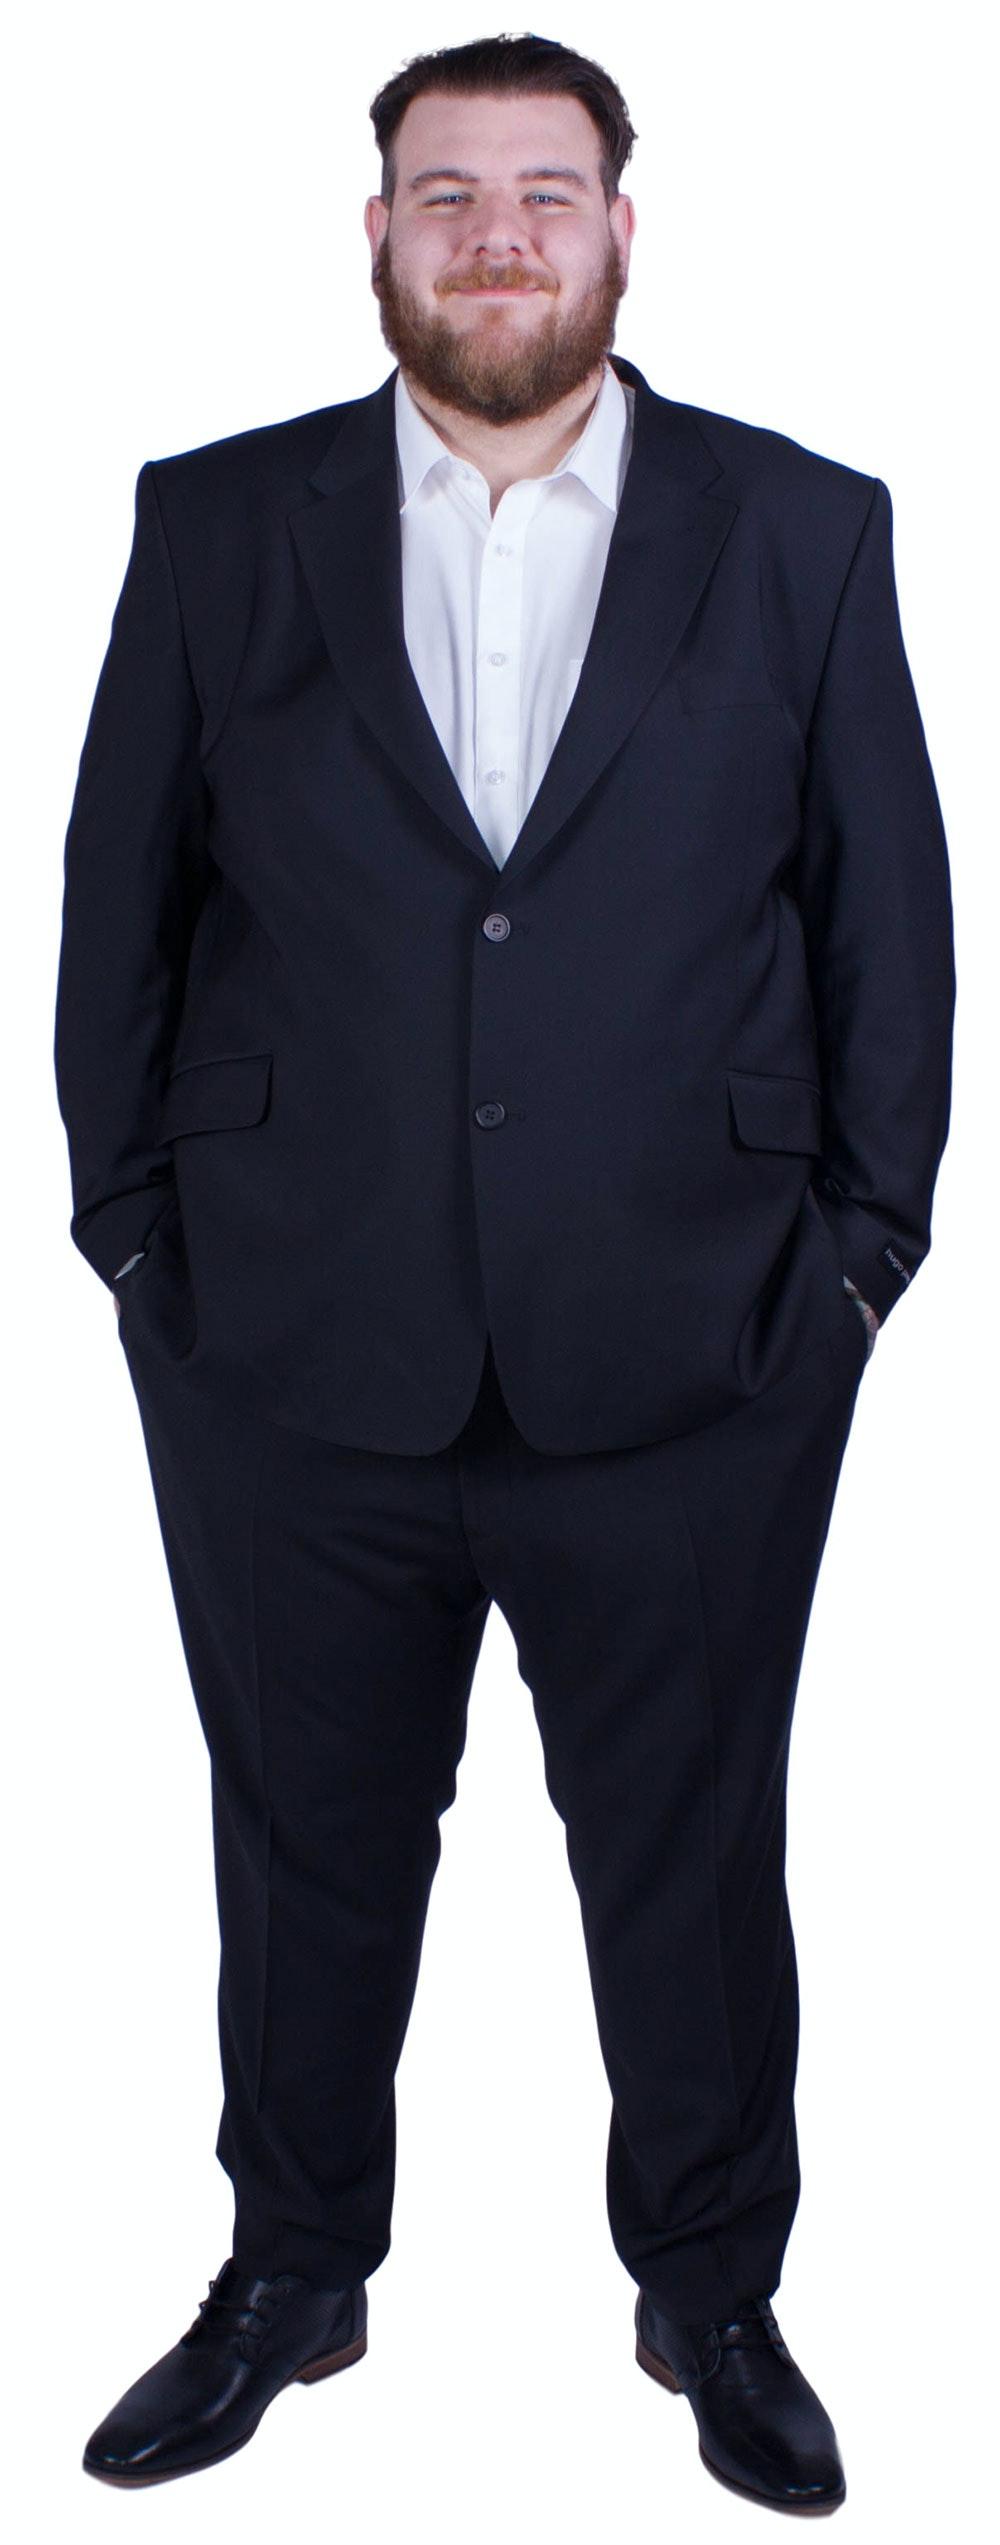 Hugo James Hazan Suit Black